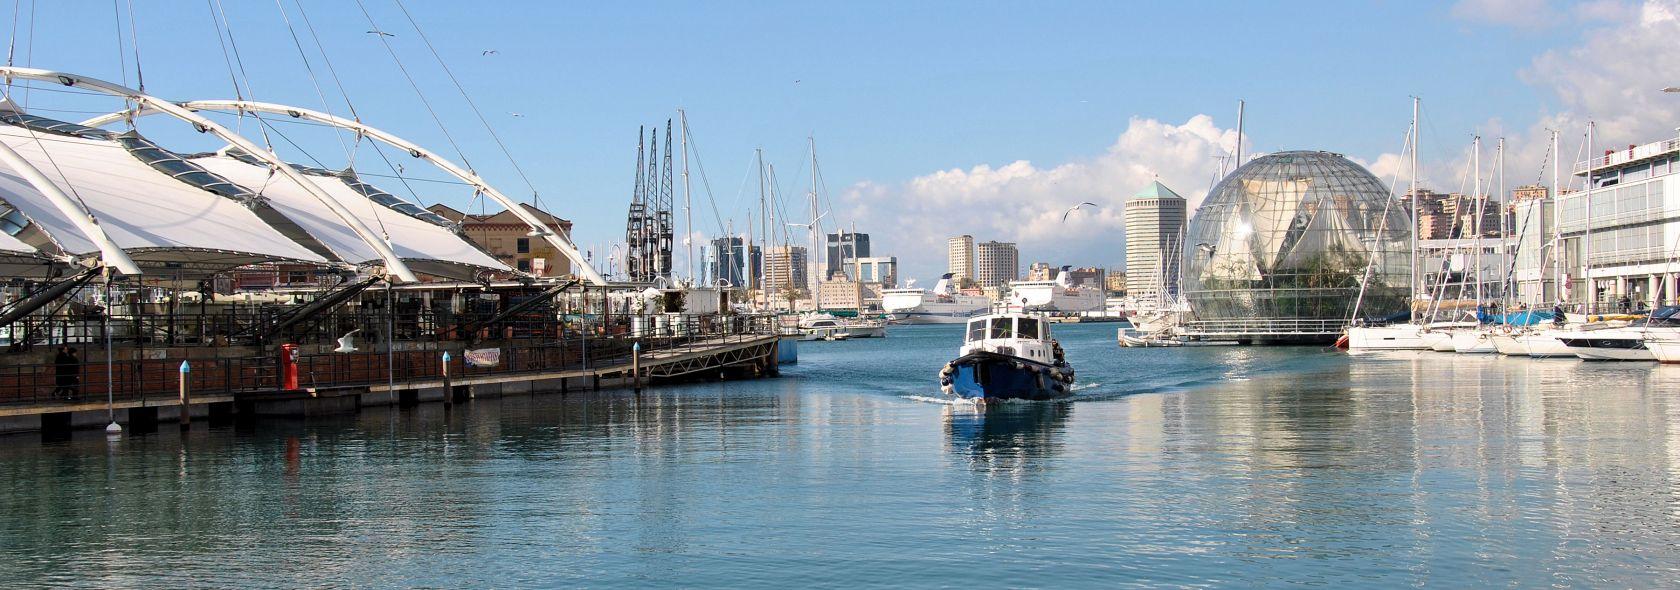 Porto Antico -  Foto Camilla Severino